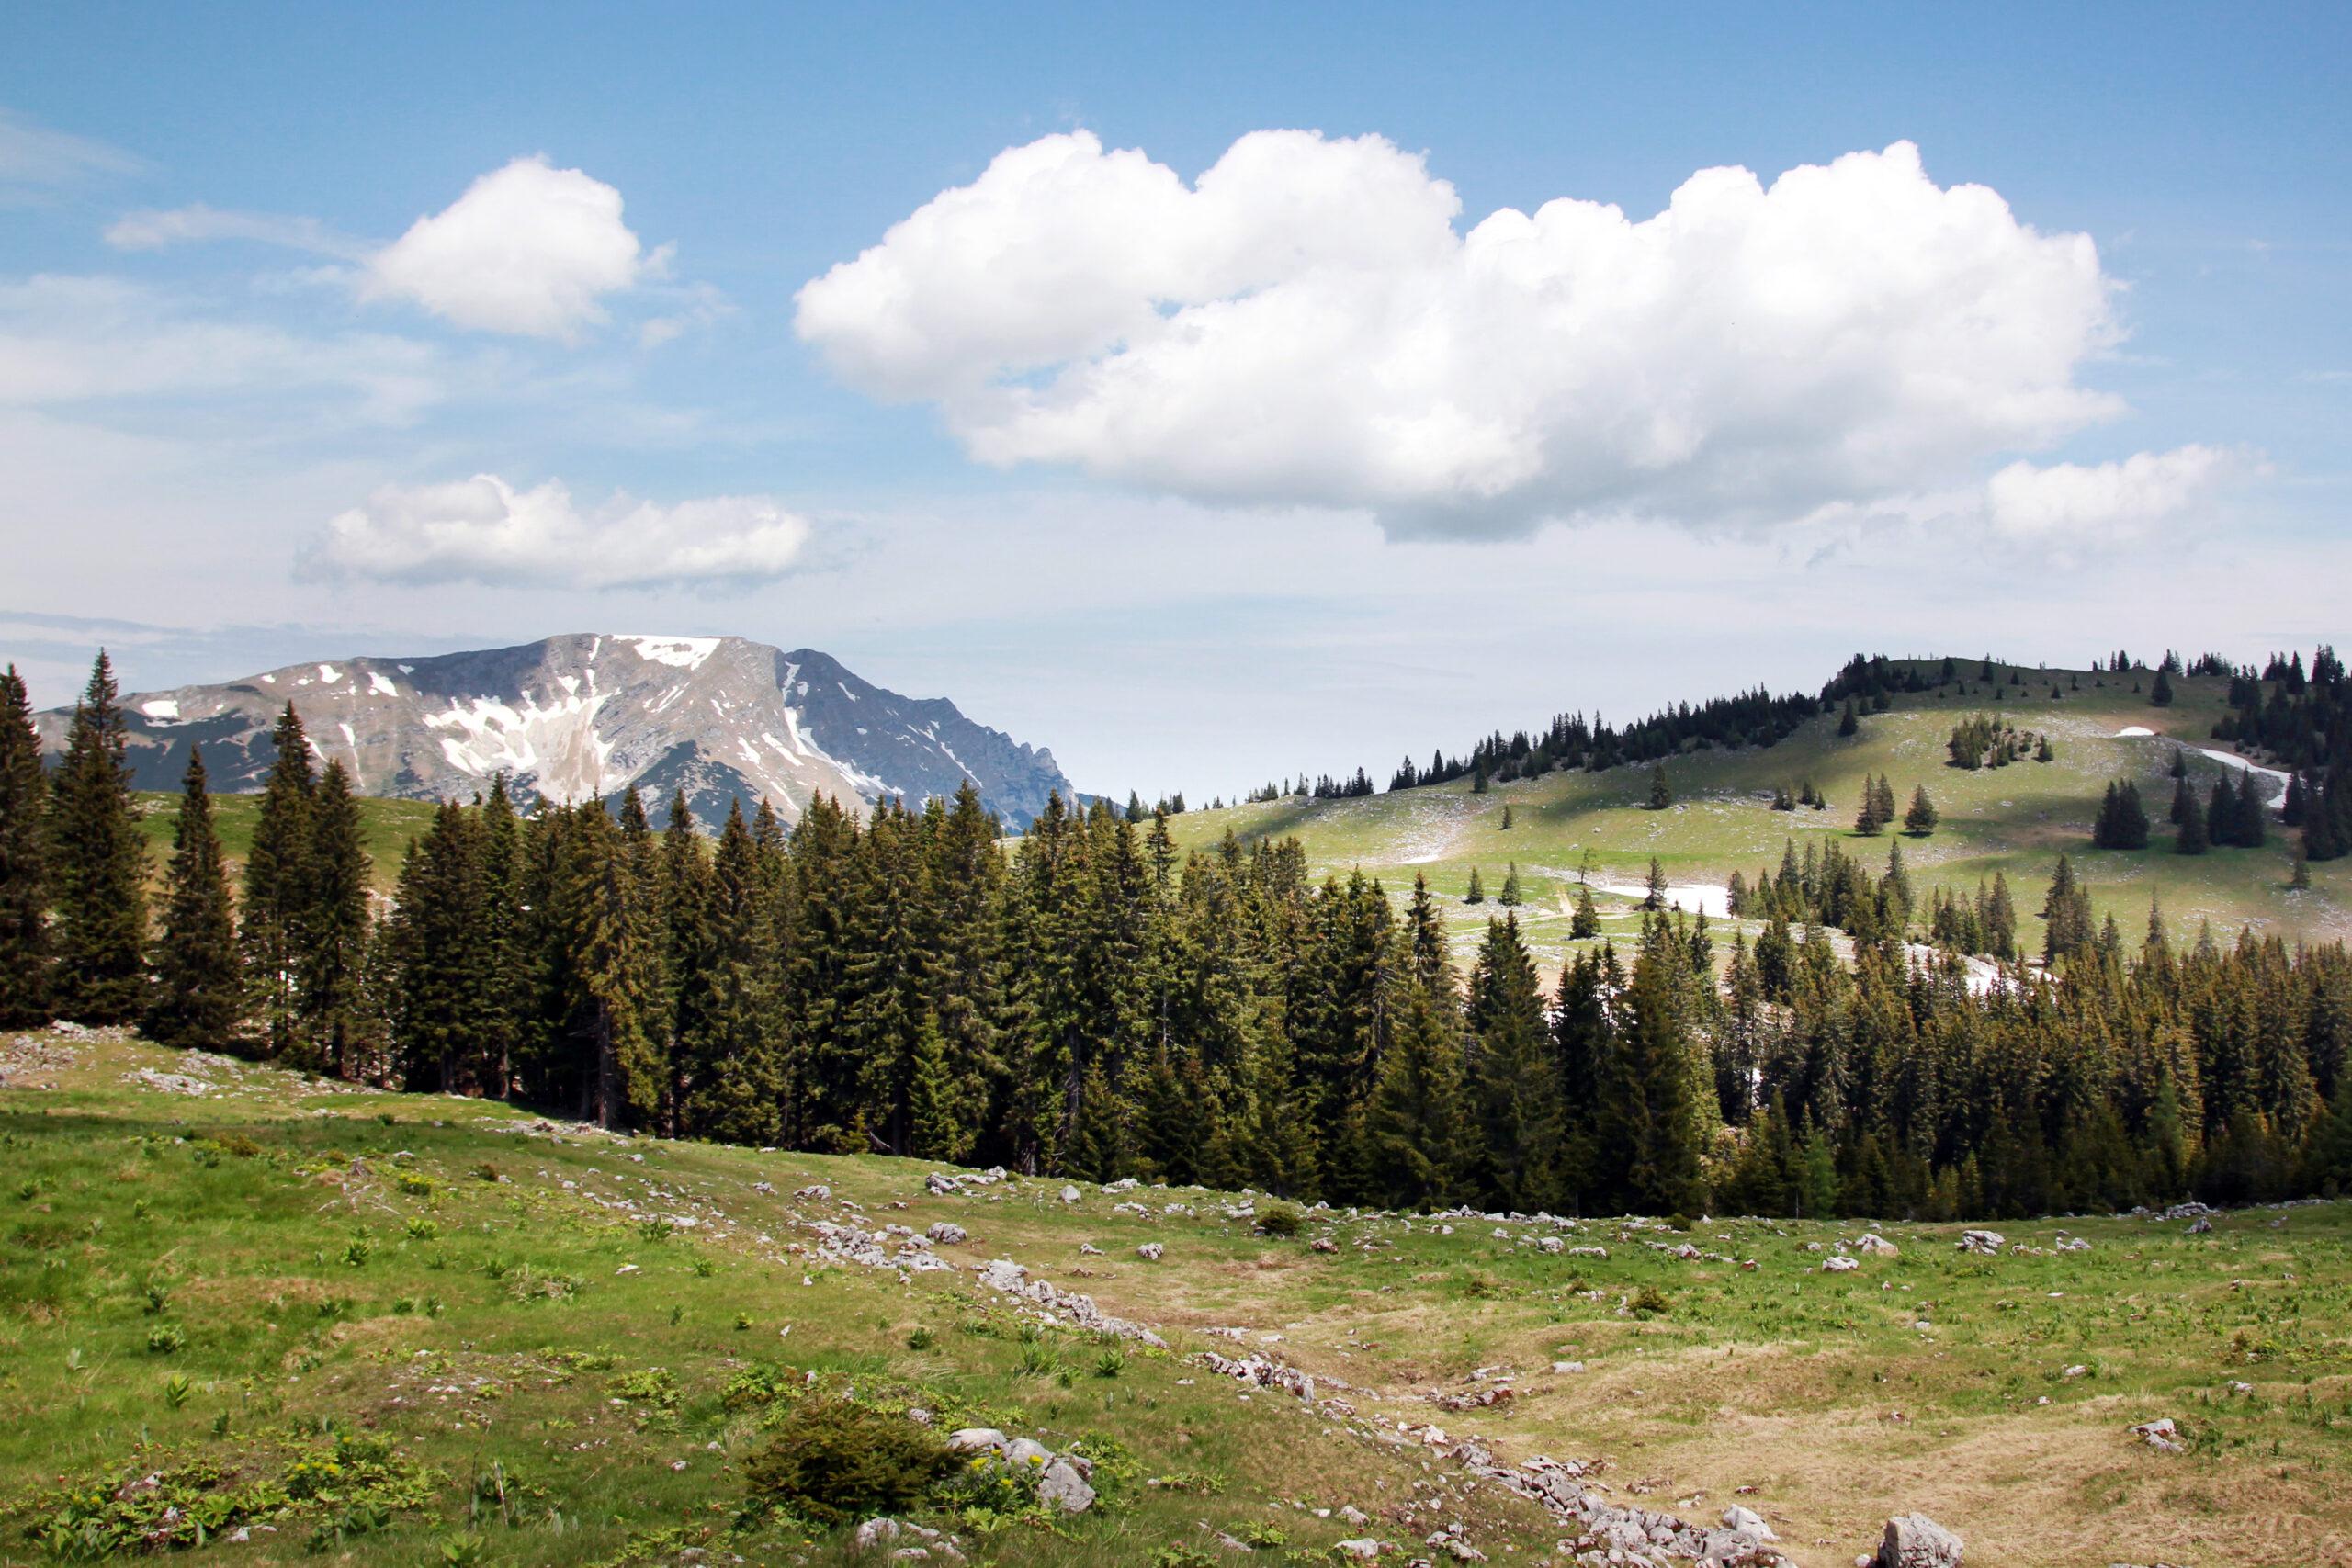 wf126205_© Mostviertel Tourismus : weinfranz.at